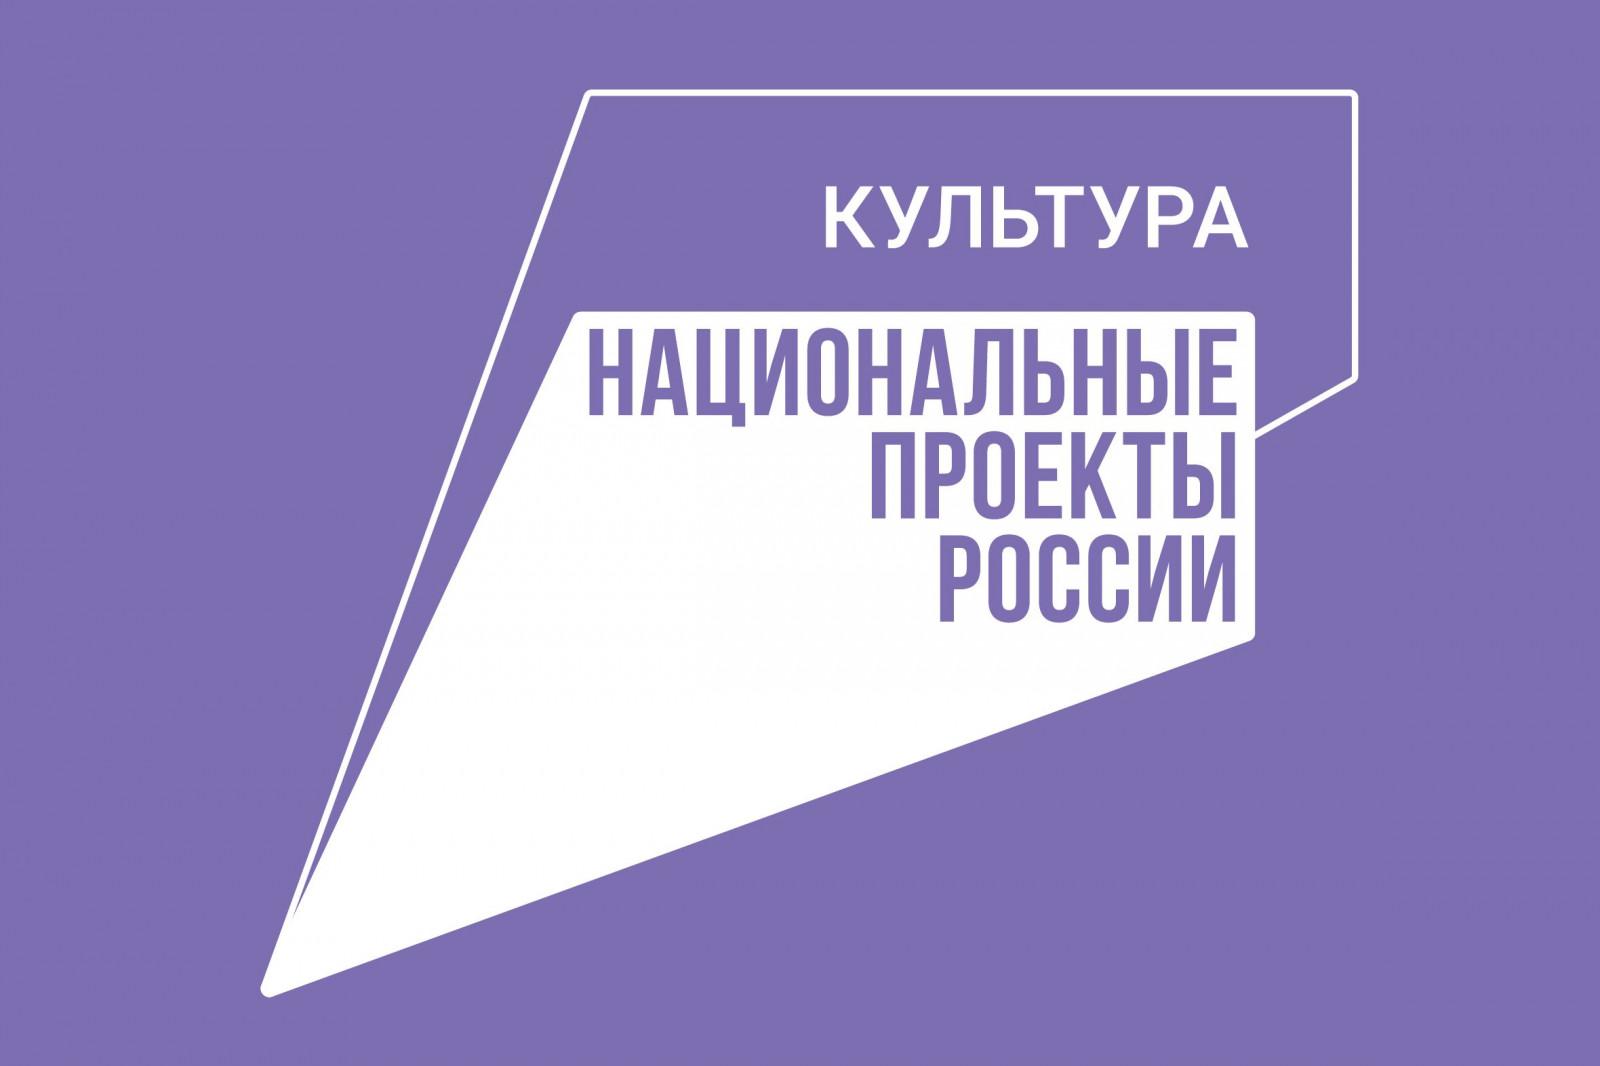 Более 126 млн рублей предусмотрено на культурную отрасль донского региона